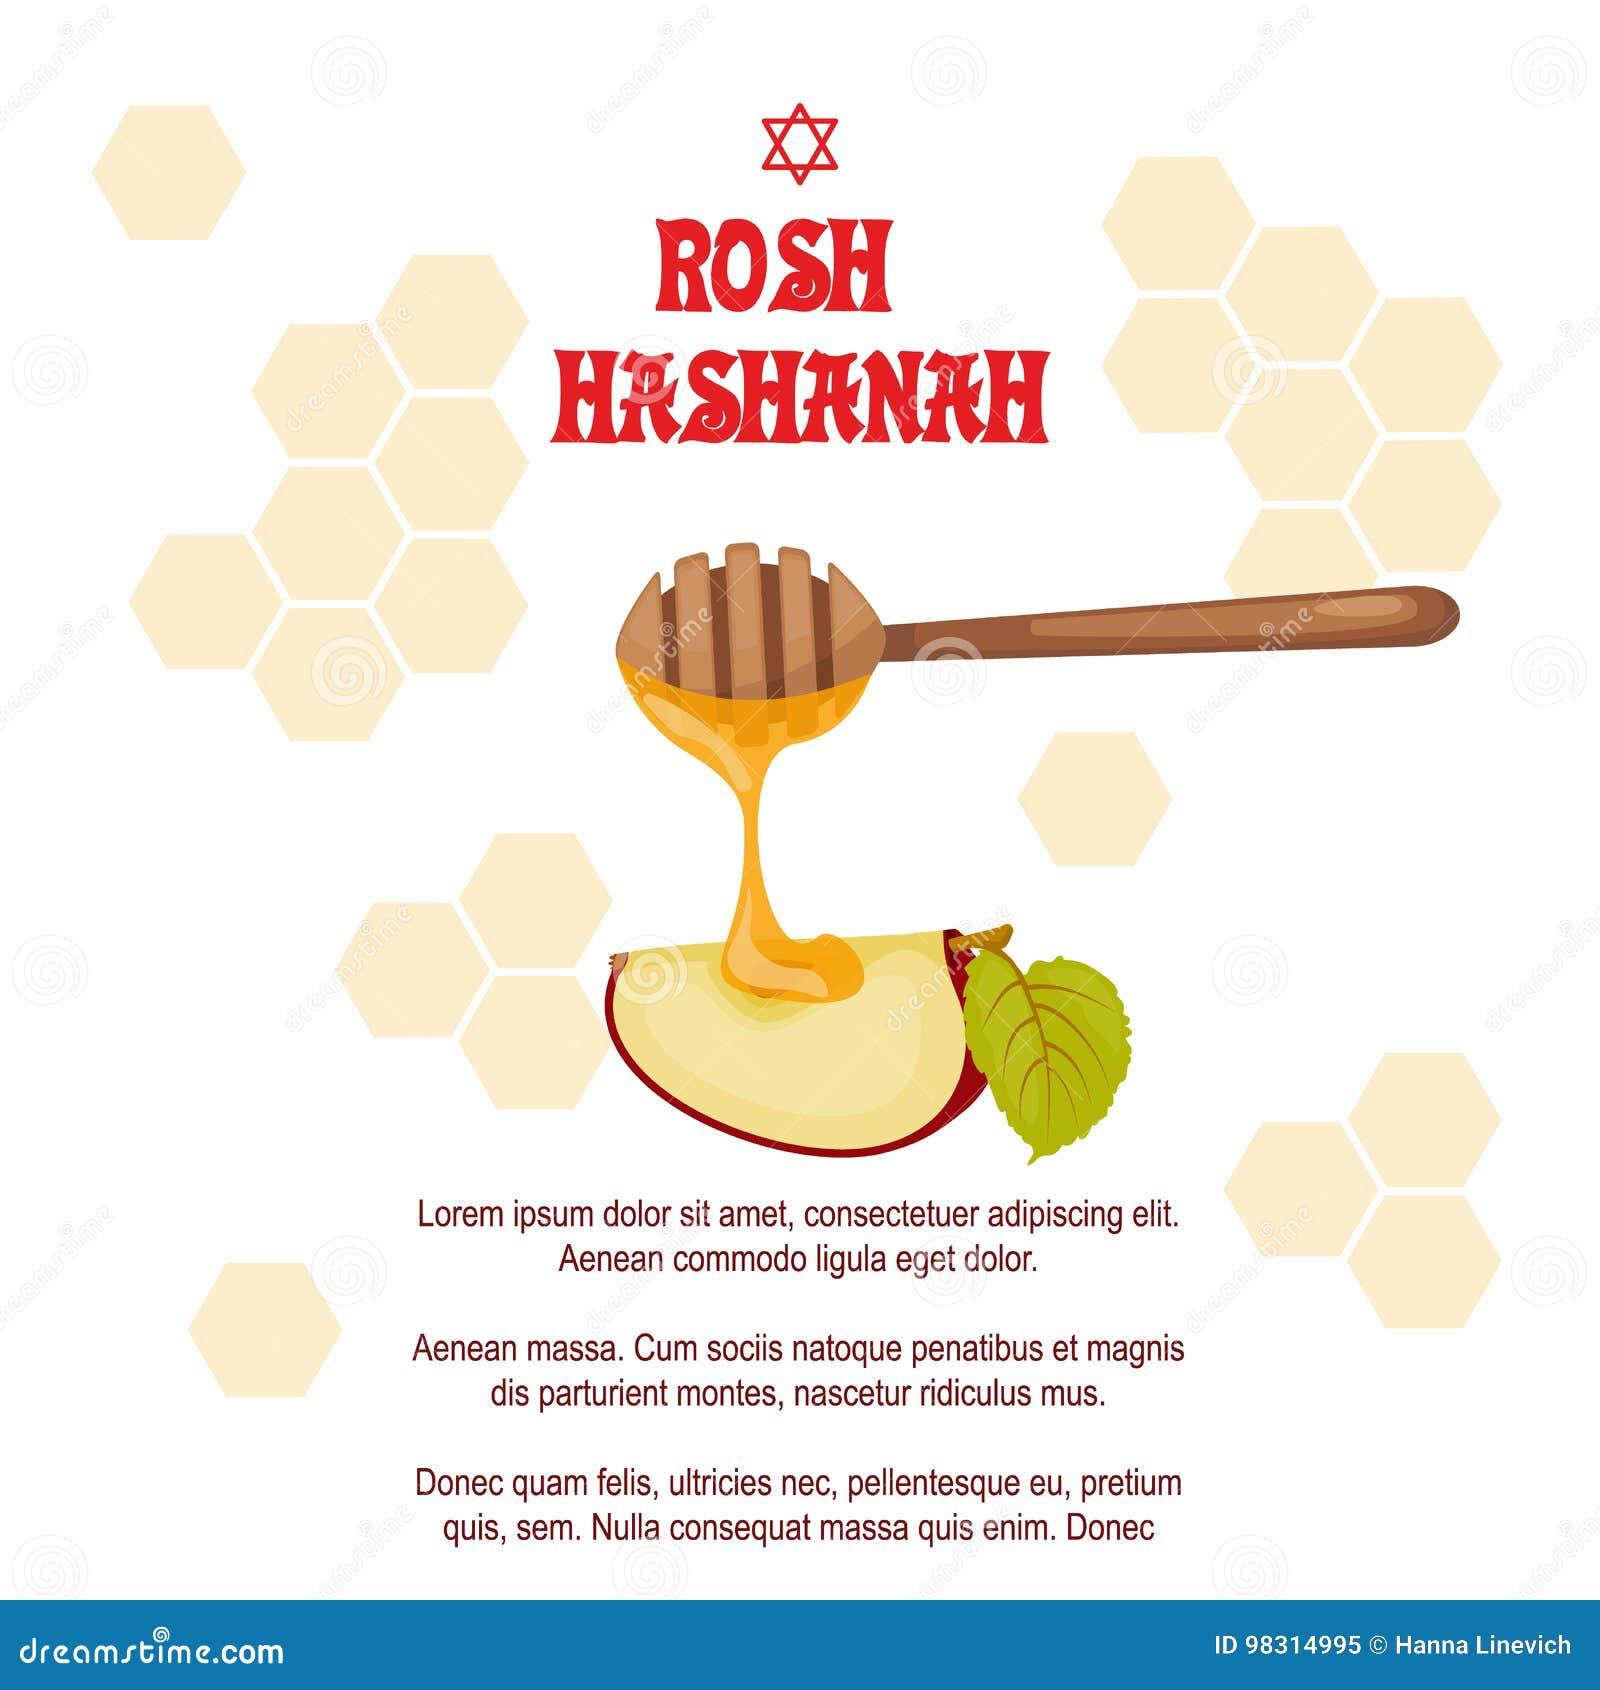 Rosh hashanah jewish new year greeting card stock illustration download rosh hashanah jewish new year greeting card stock illustration illustration of hashana natural m4hsunfo